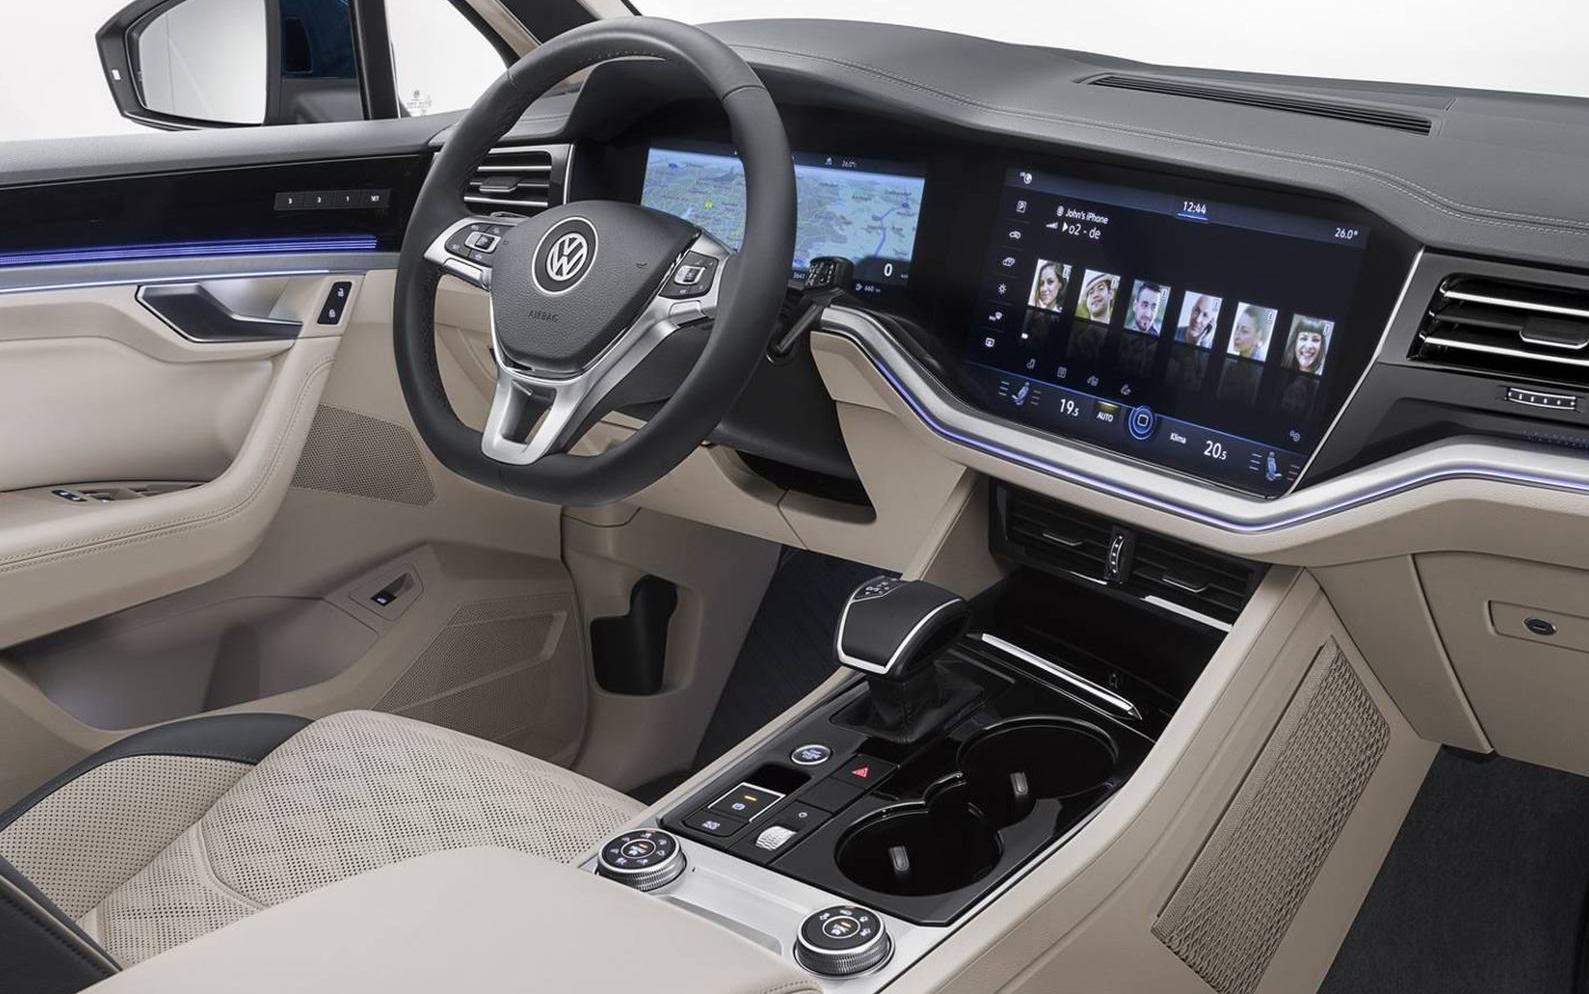 2019-Volkswagen-Touareg-Interior - Volkswagen of Rochester